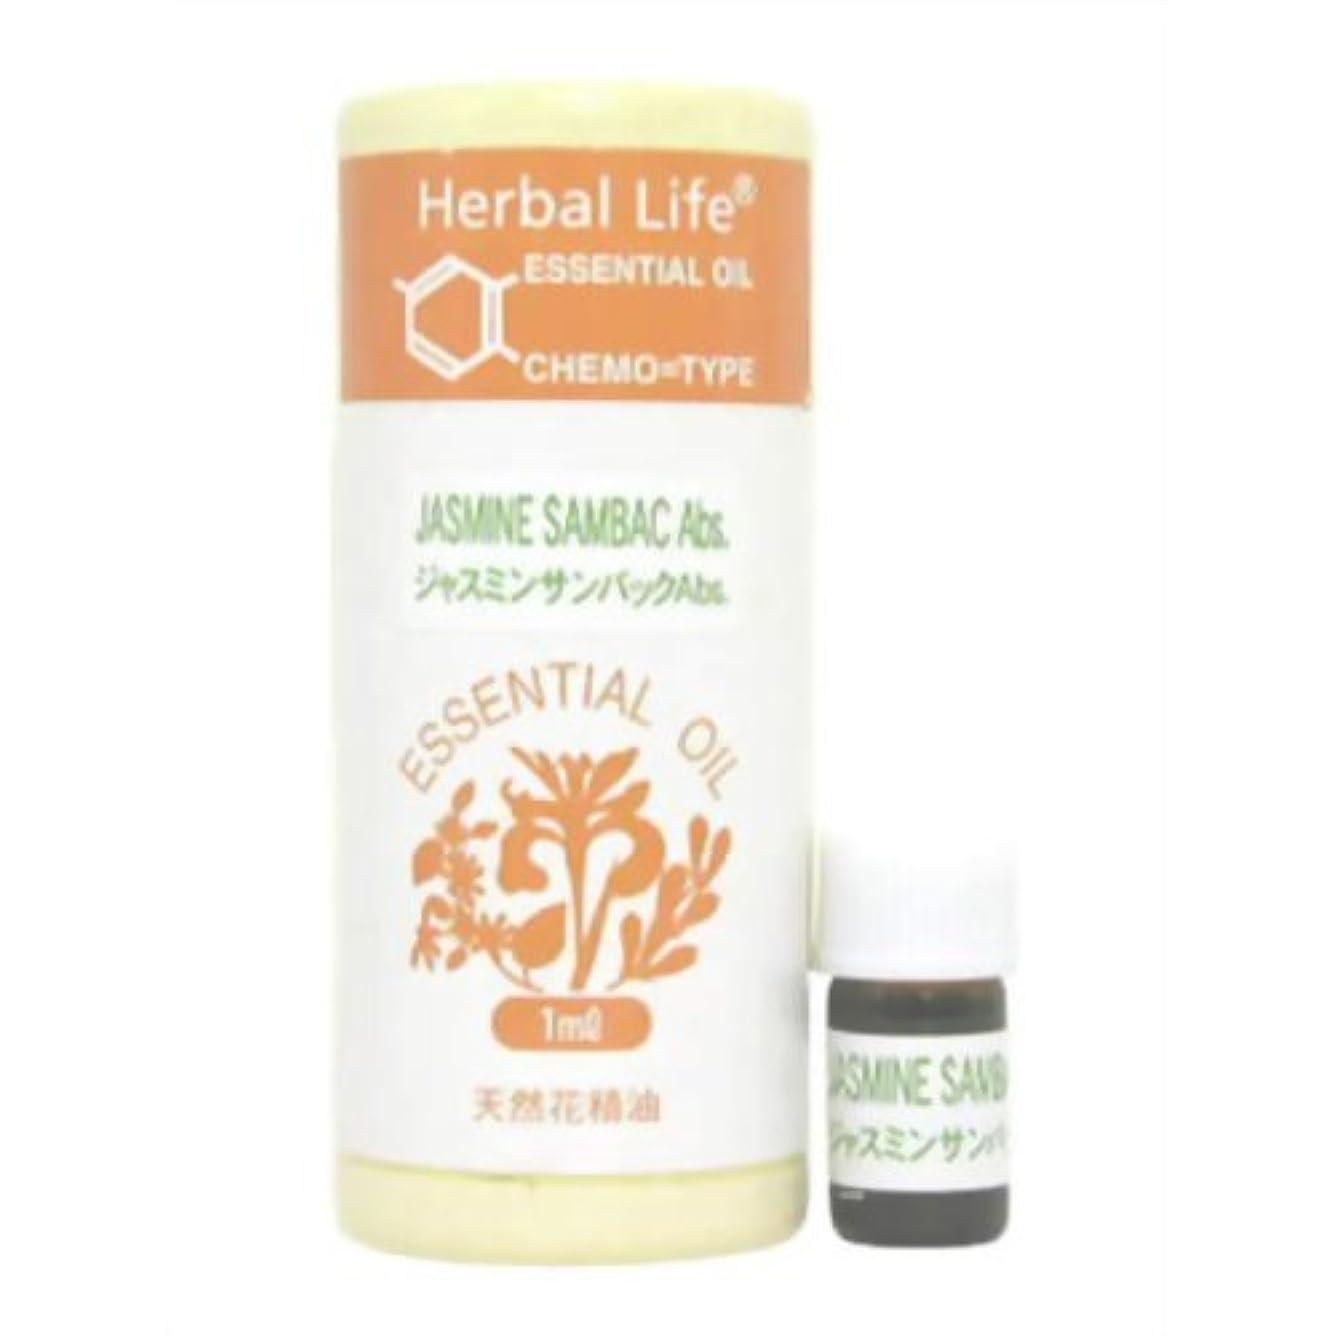 スピーチ同級生谷Herbal Life ジャスミンサンバックAbs 1ml